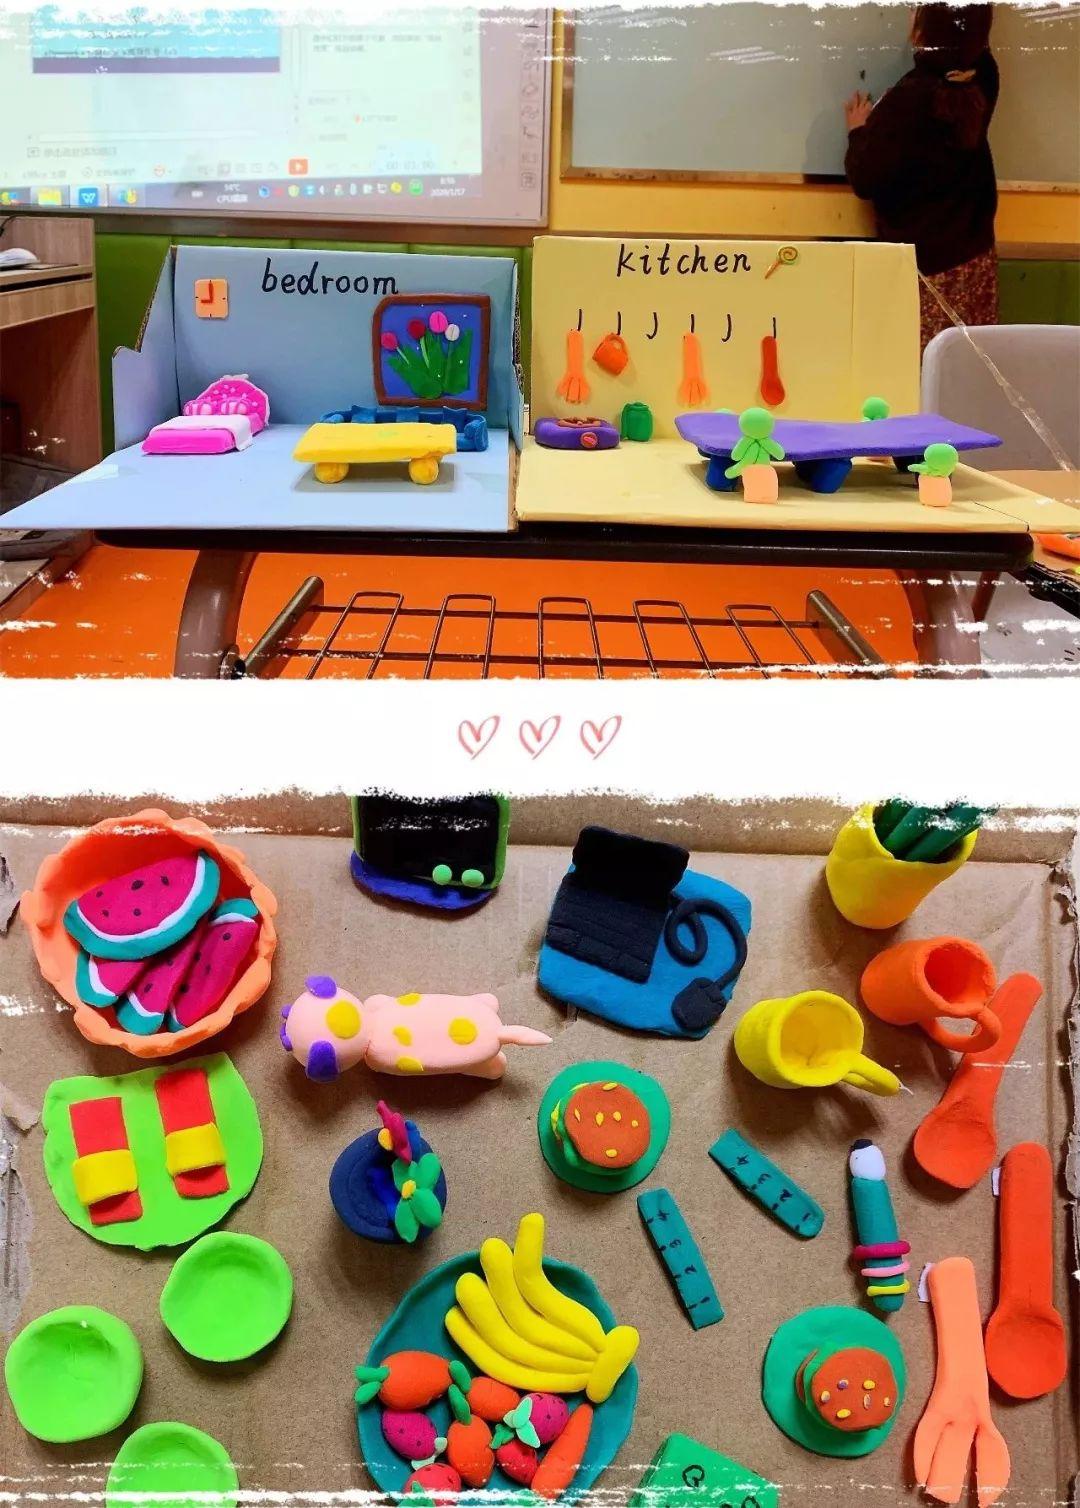 幼儿英语教具-幼儿英语教具批发、促销价格、产地货源 - 阿里巴巴